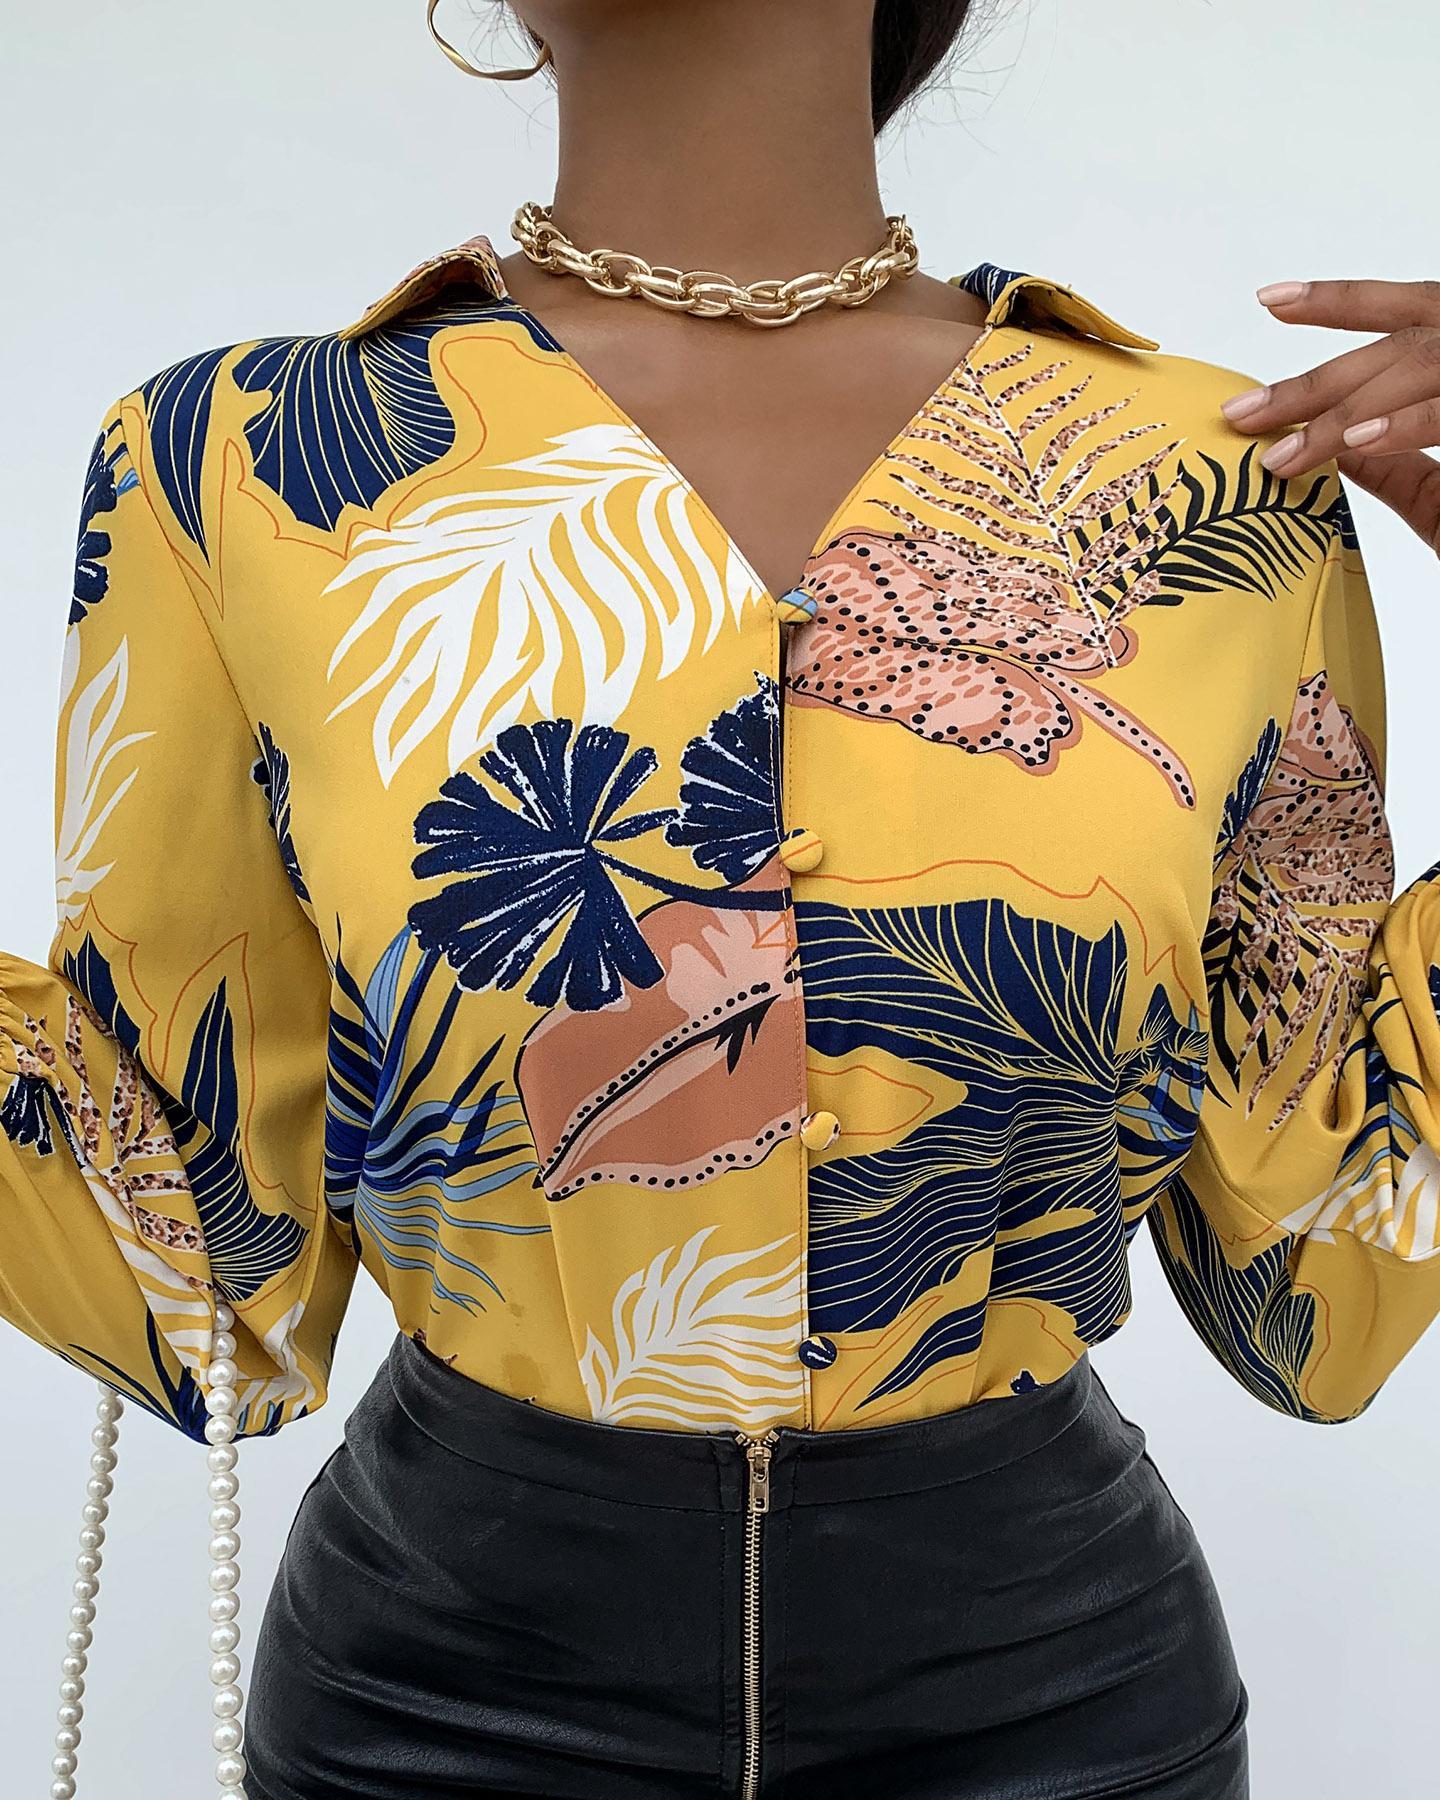 ivrose / Camisa abotonada con estampado de hojas de palmeras tropicales